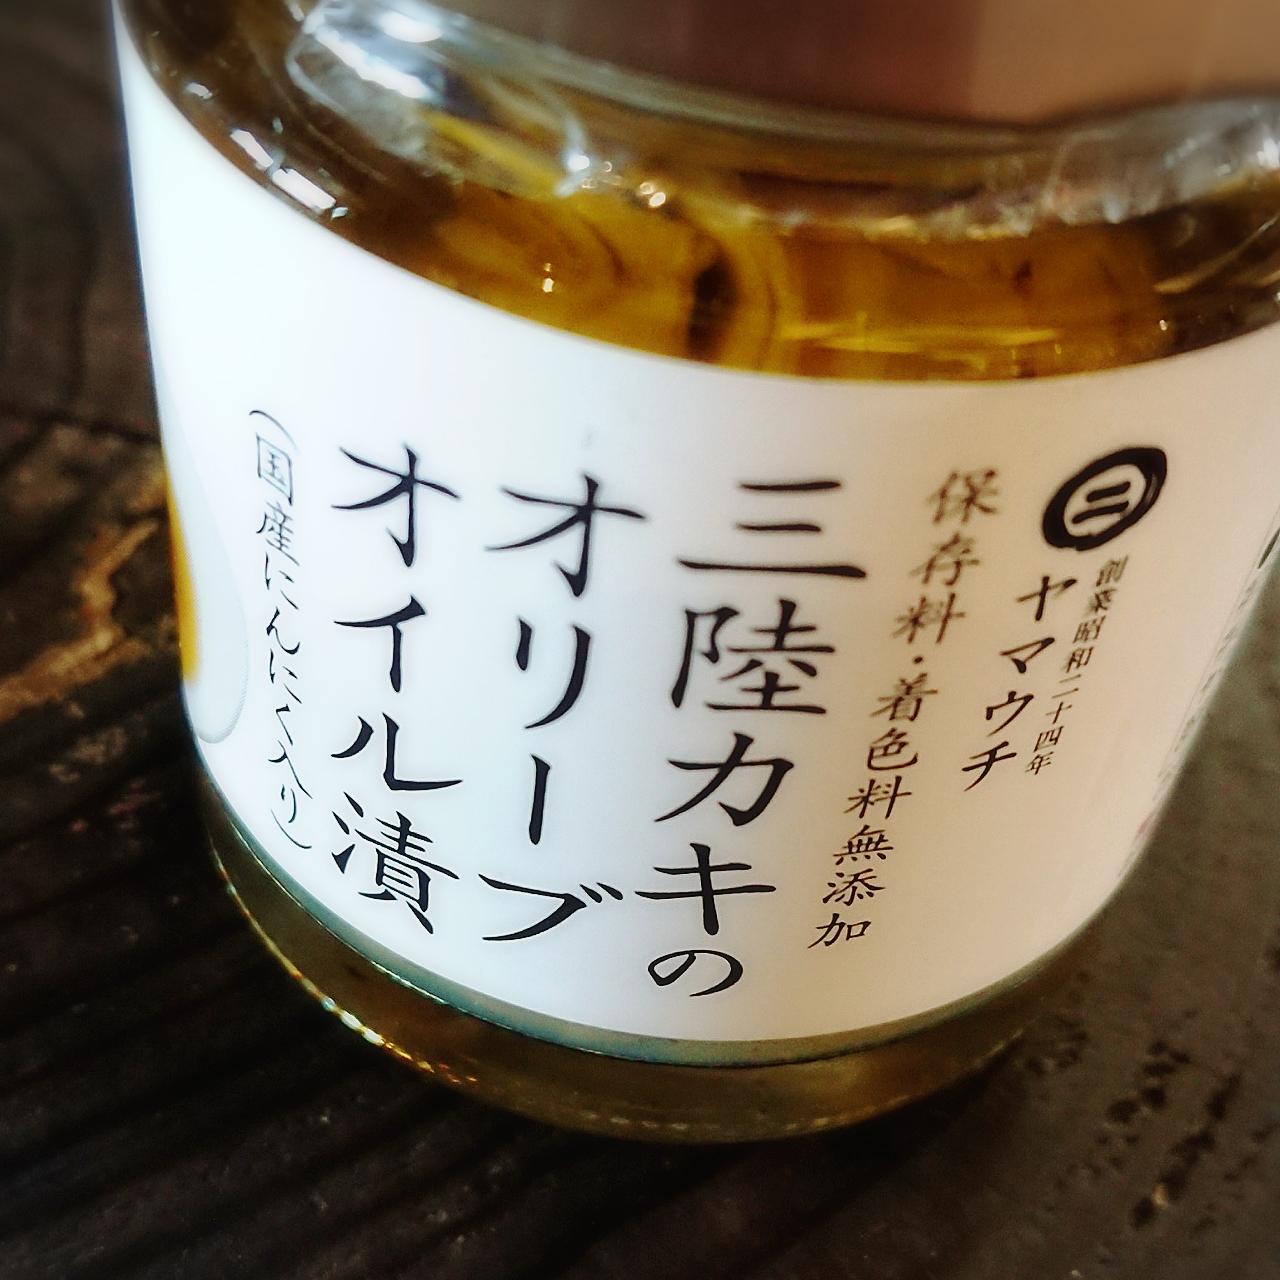 【珍味】南三陸ヤマウチ 三陸かきのオリーブオイル漬